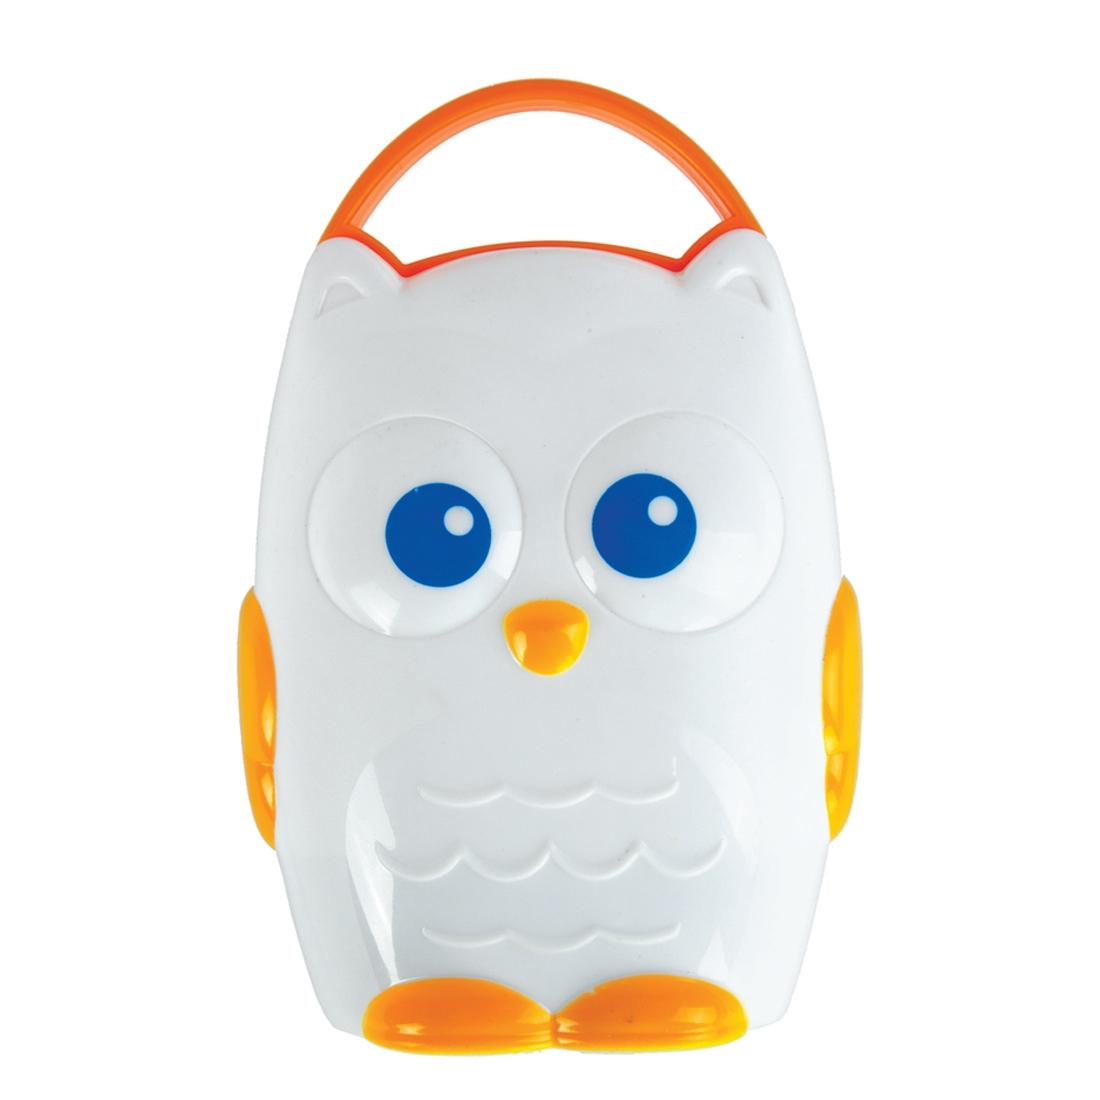 Ночник Наша игрушка Сова 633054 ночник с подсветкой due esse christmas ночник с подсветкой href